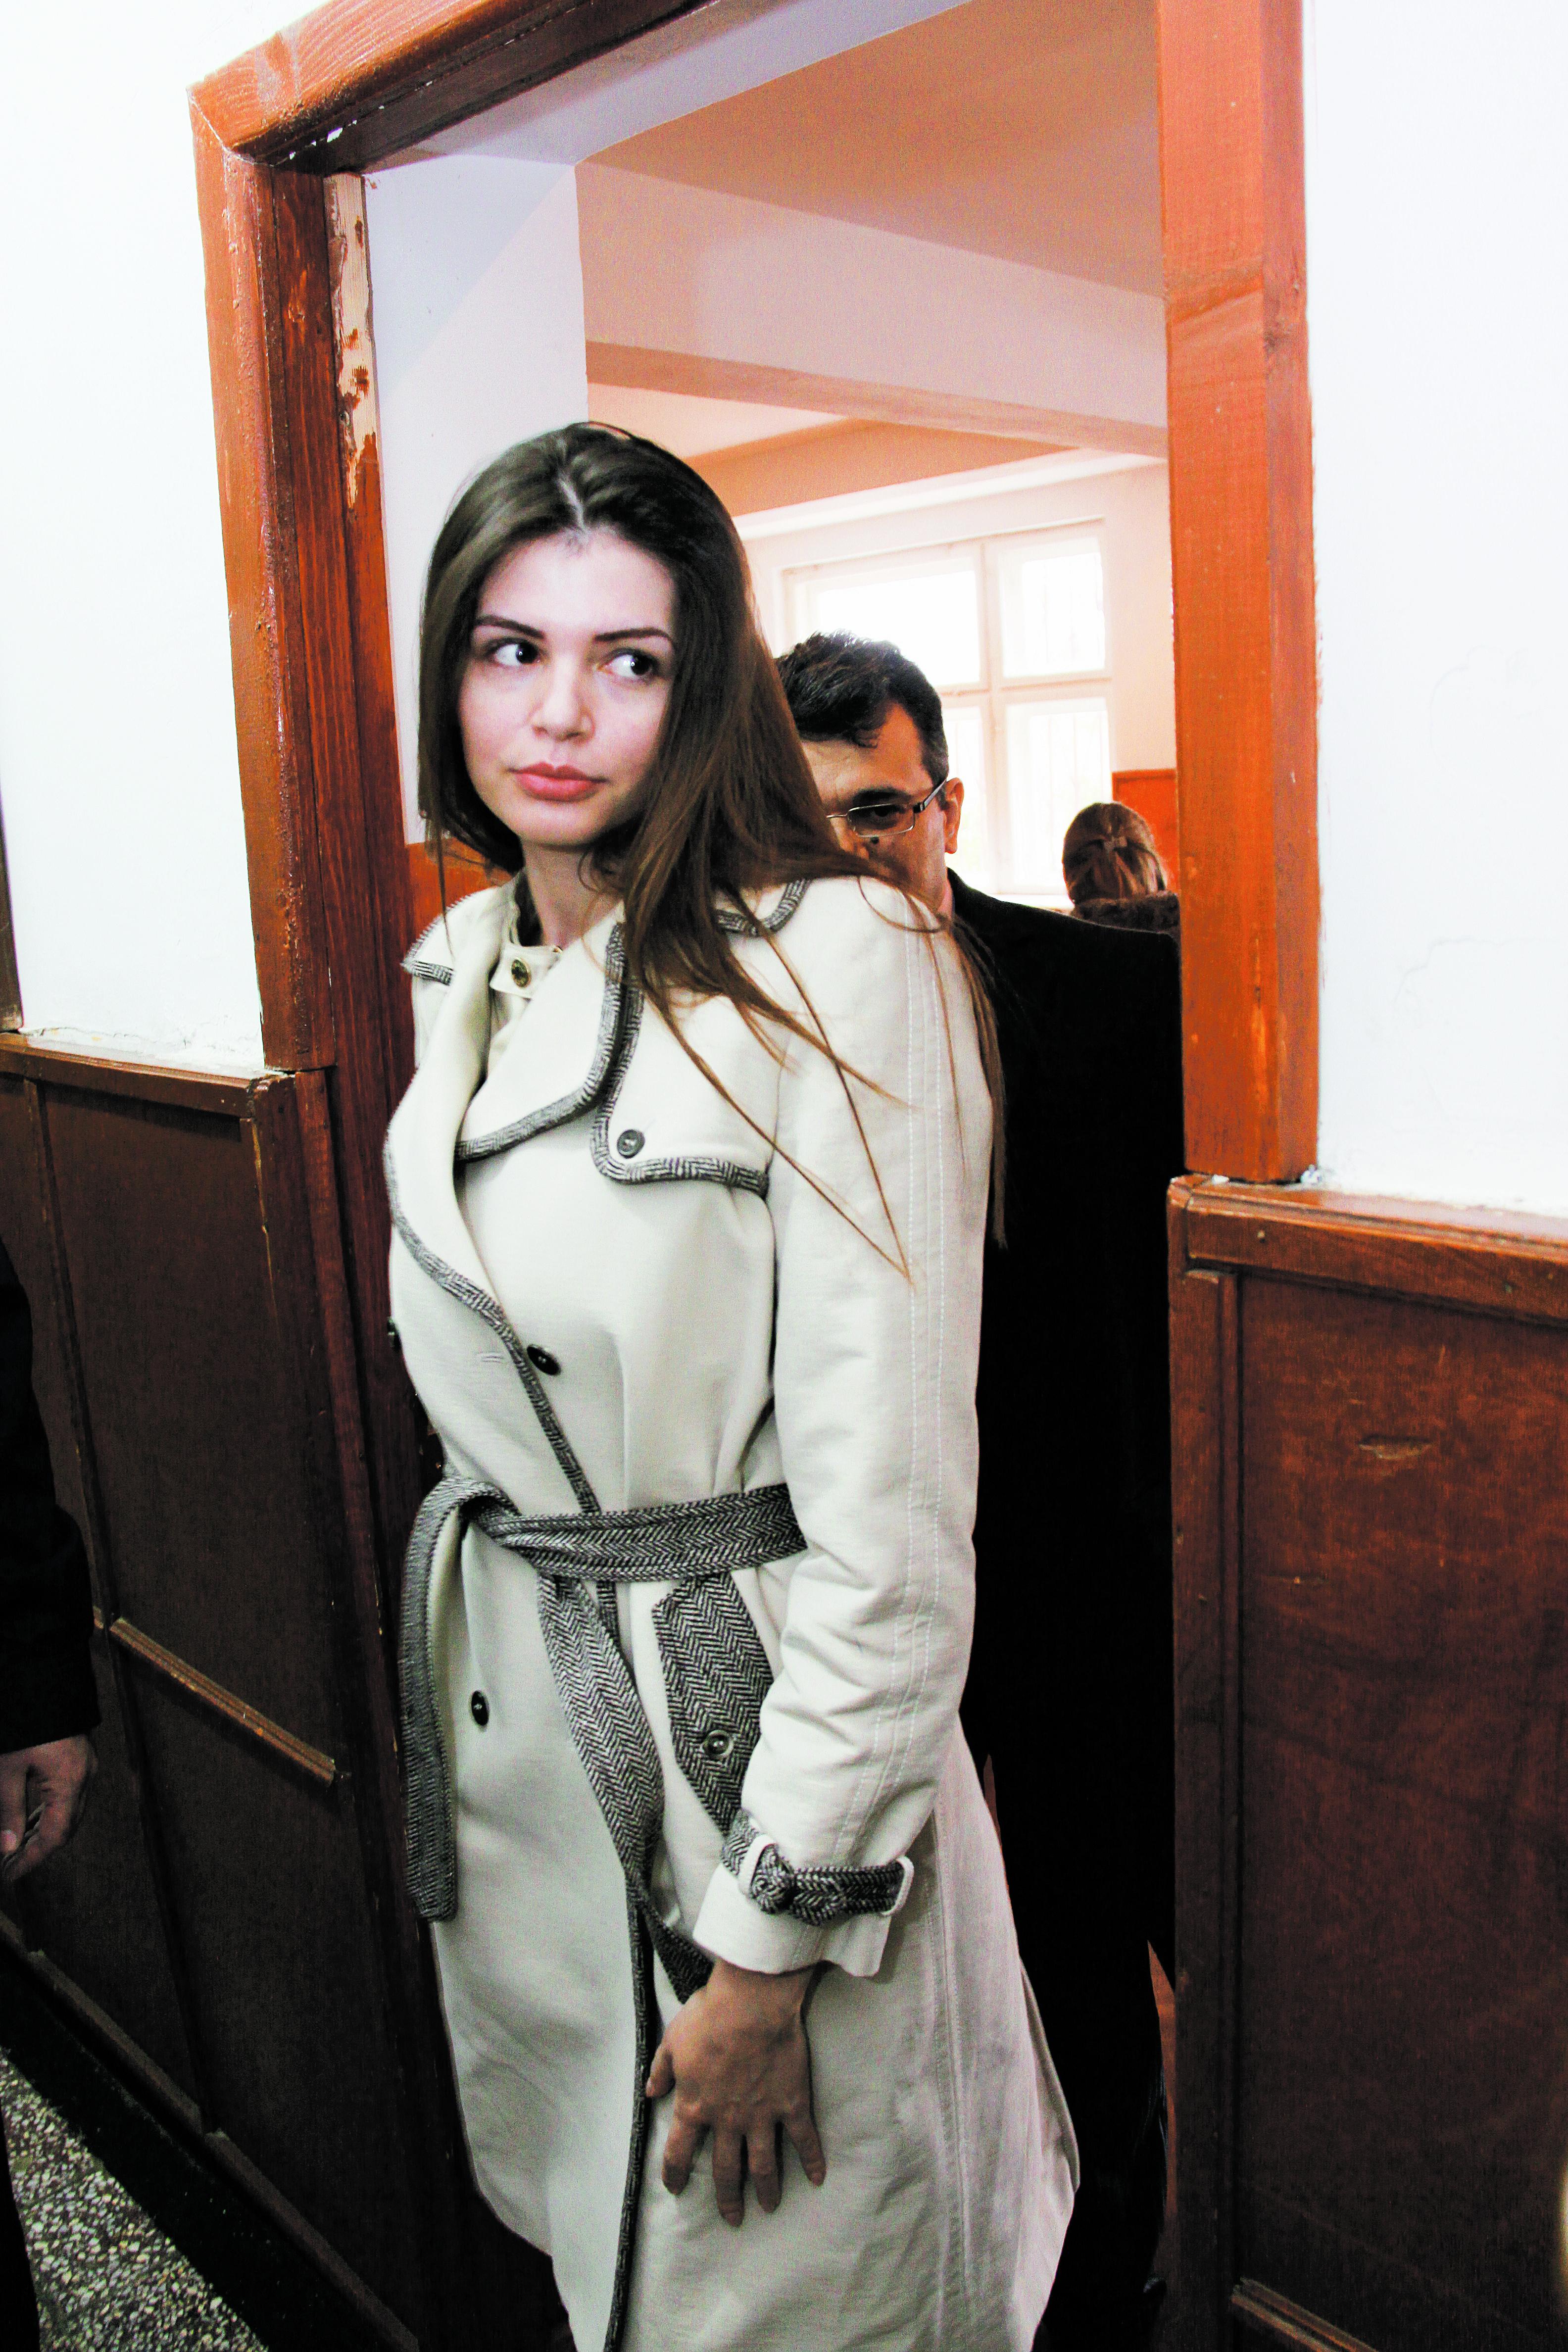 Moni a stat cateva saptamani in Romania, dar se pare ca a plecat chiar inainte de weekendul in care avea posibilitatea sa o ia pe Irina